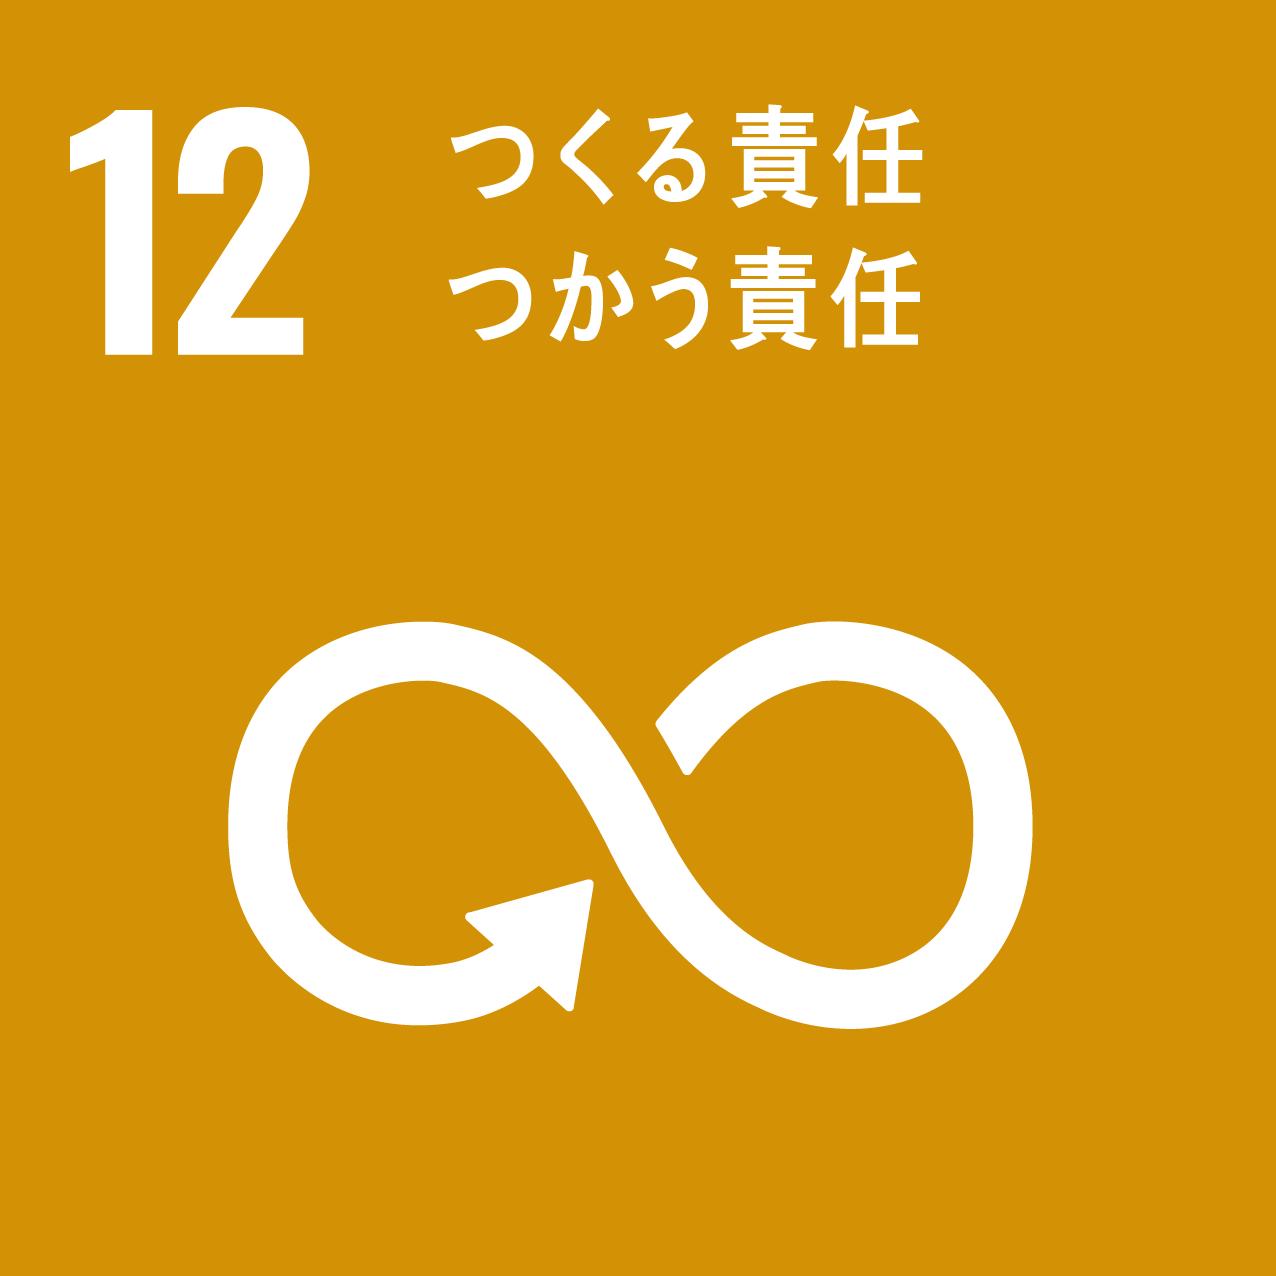 【SDGs】ダンボールパレットへ切り替え▶リサイクルできる資源を使用する!♲